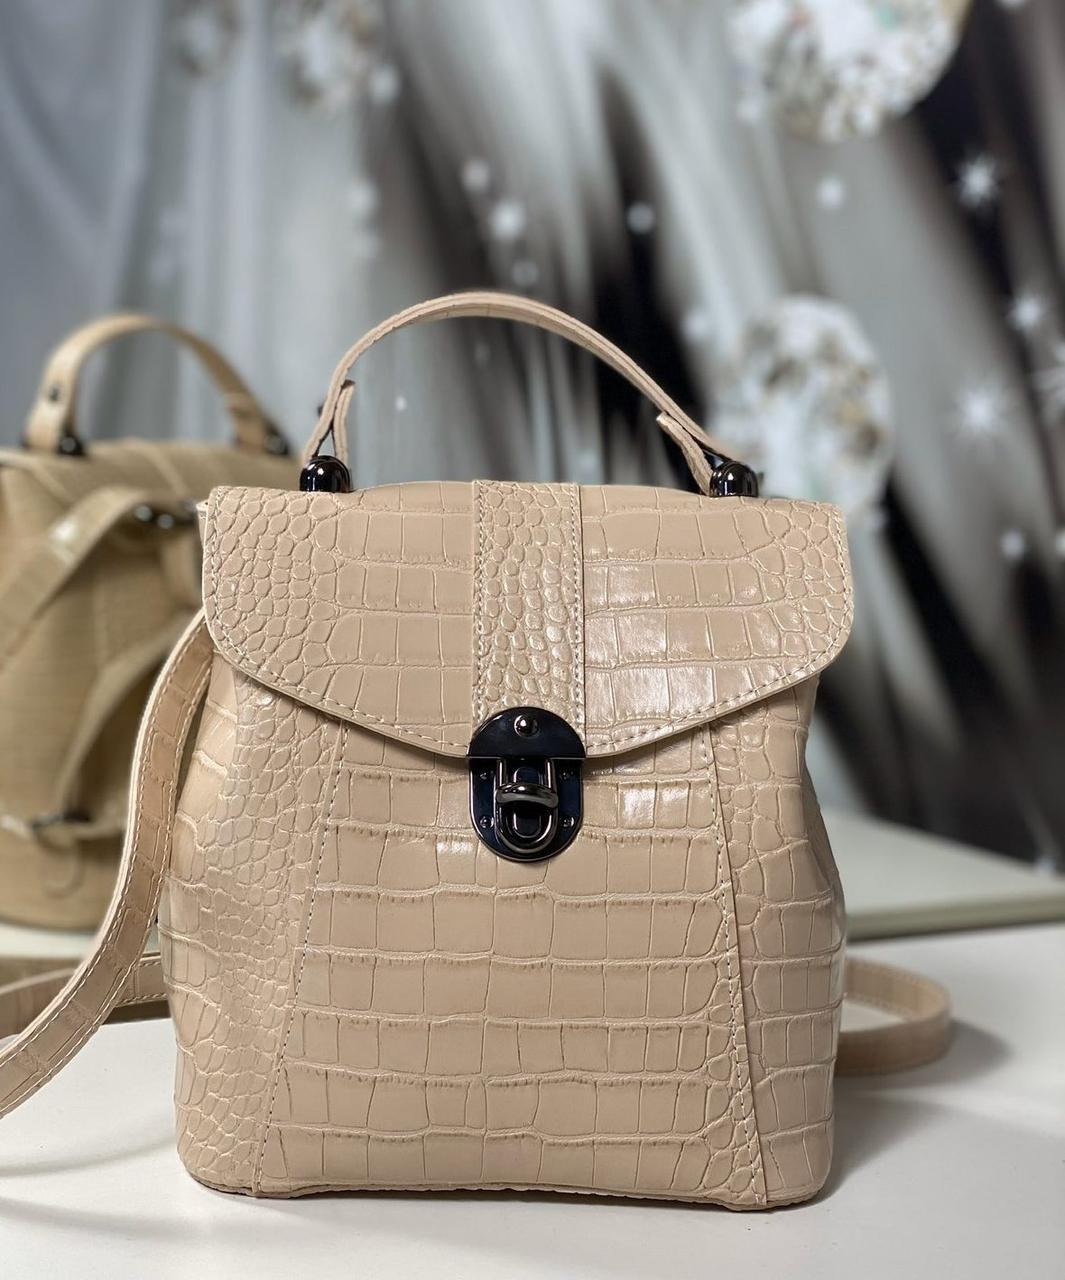 Рюкзак женский маленький молодежный бежевый городской под рептилию сумка экокожа